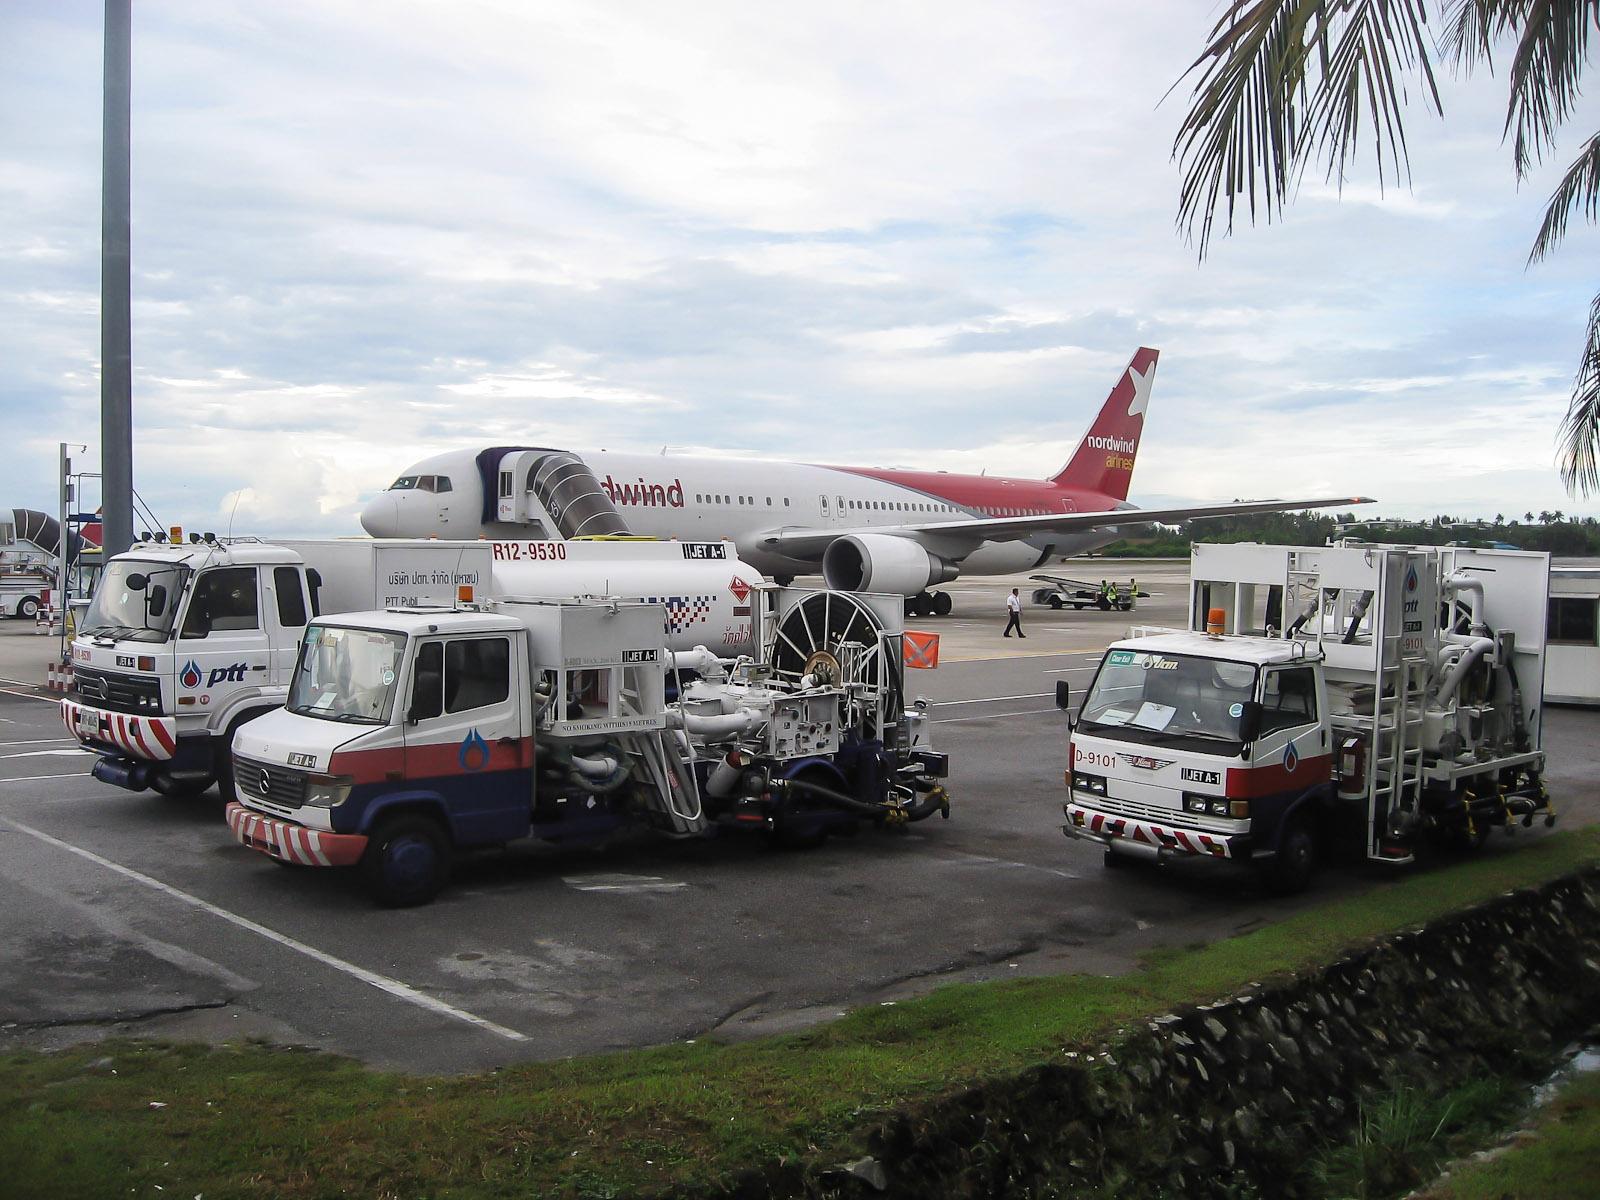 Самолет Боинг-767-300 авиакомпании Nordwind в аэропорту Пхукета